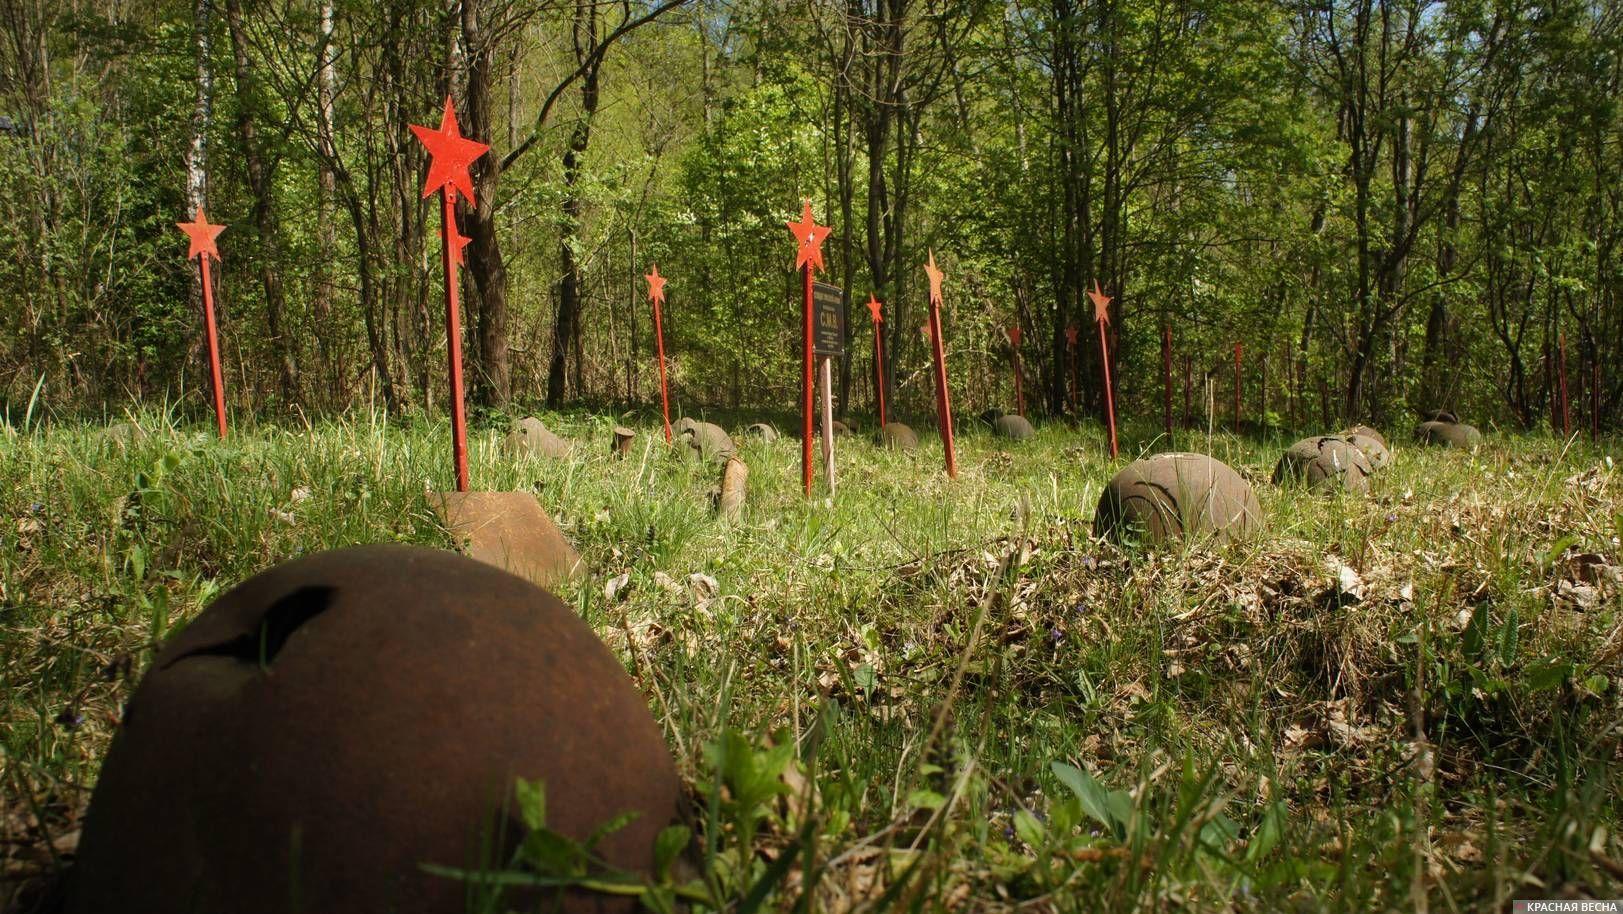 Кладбище советских солдат в лесу. Смоленская область.